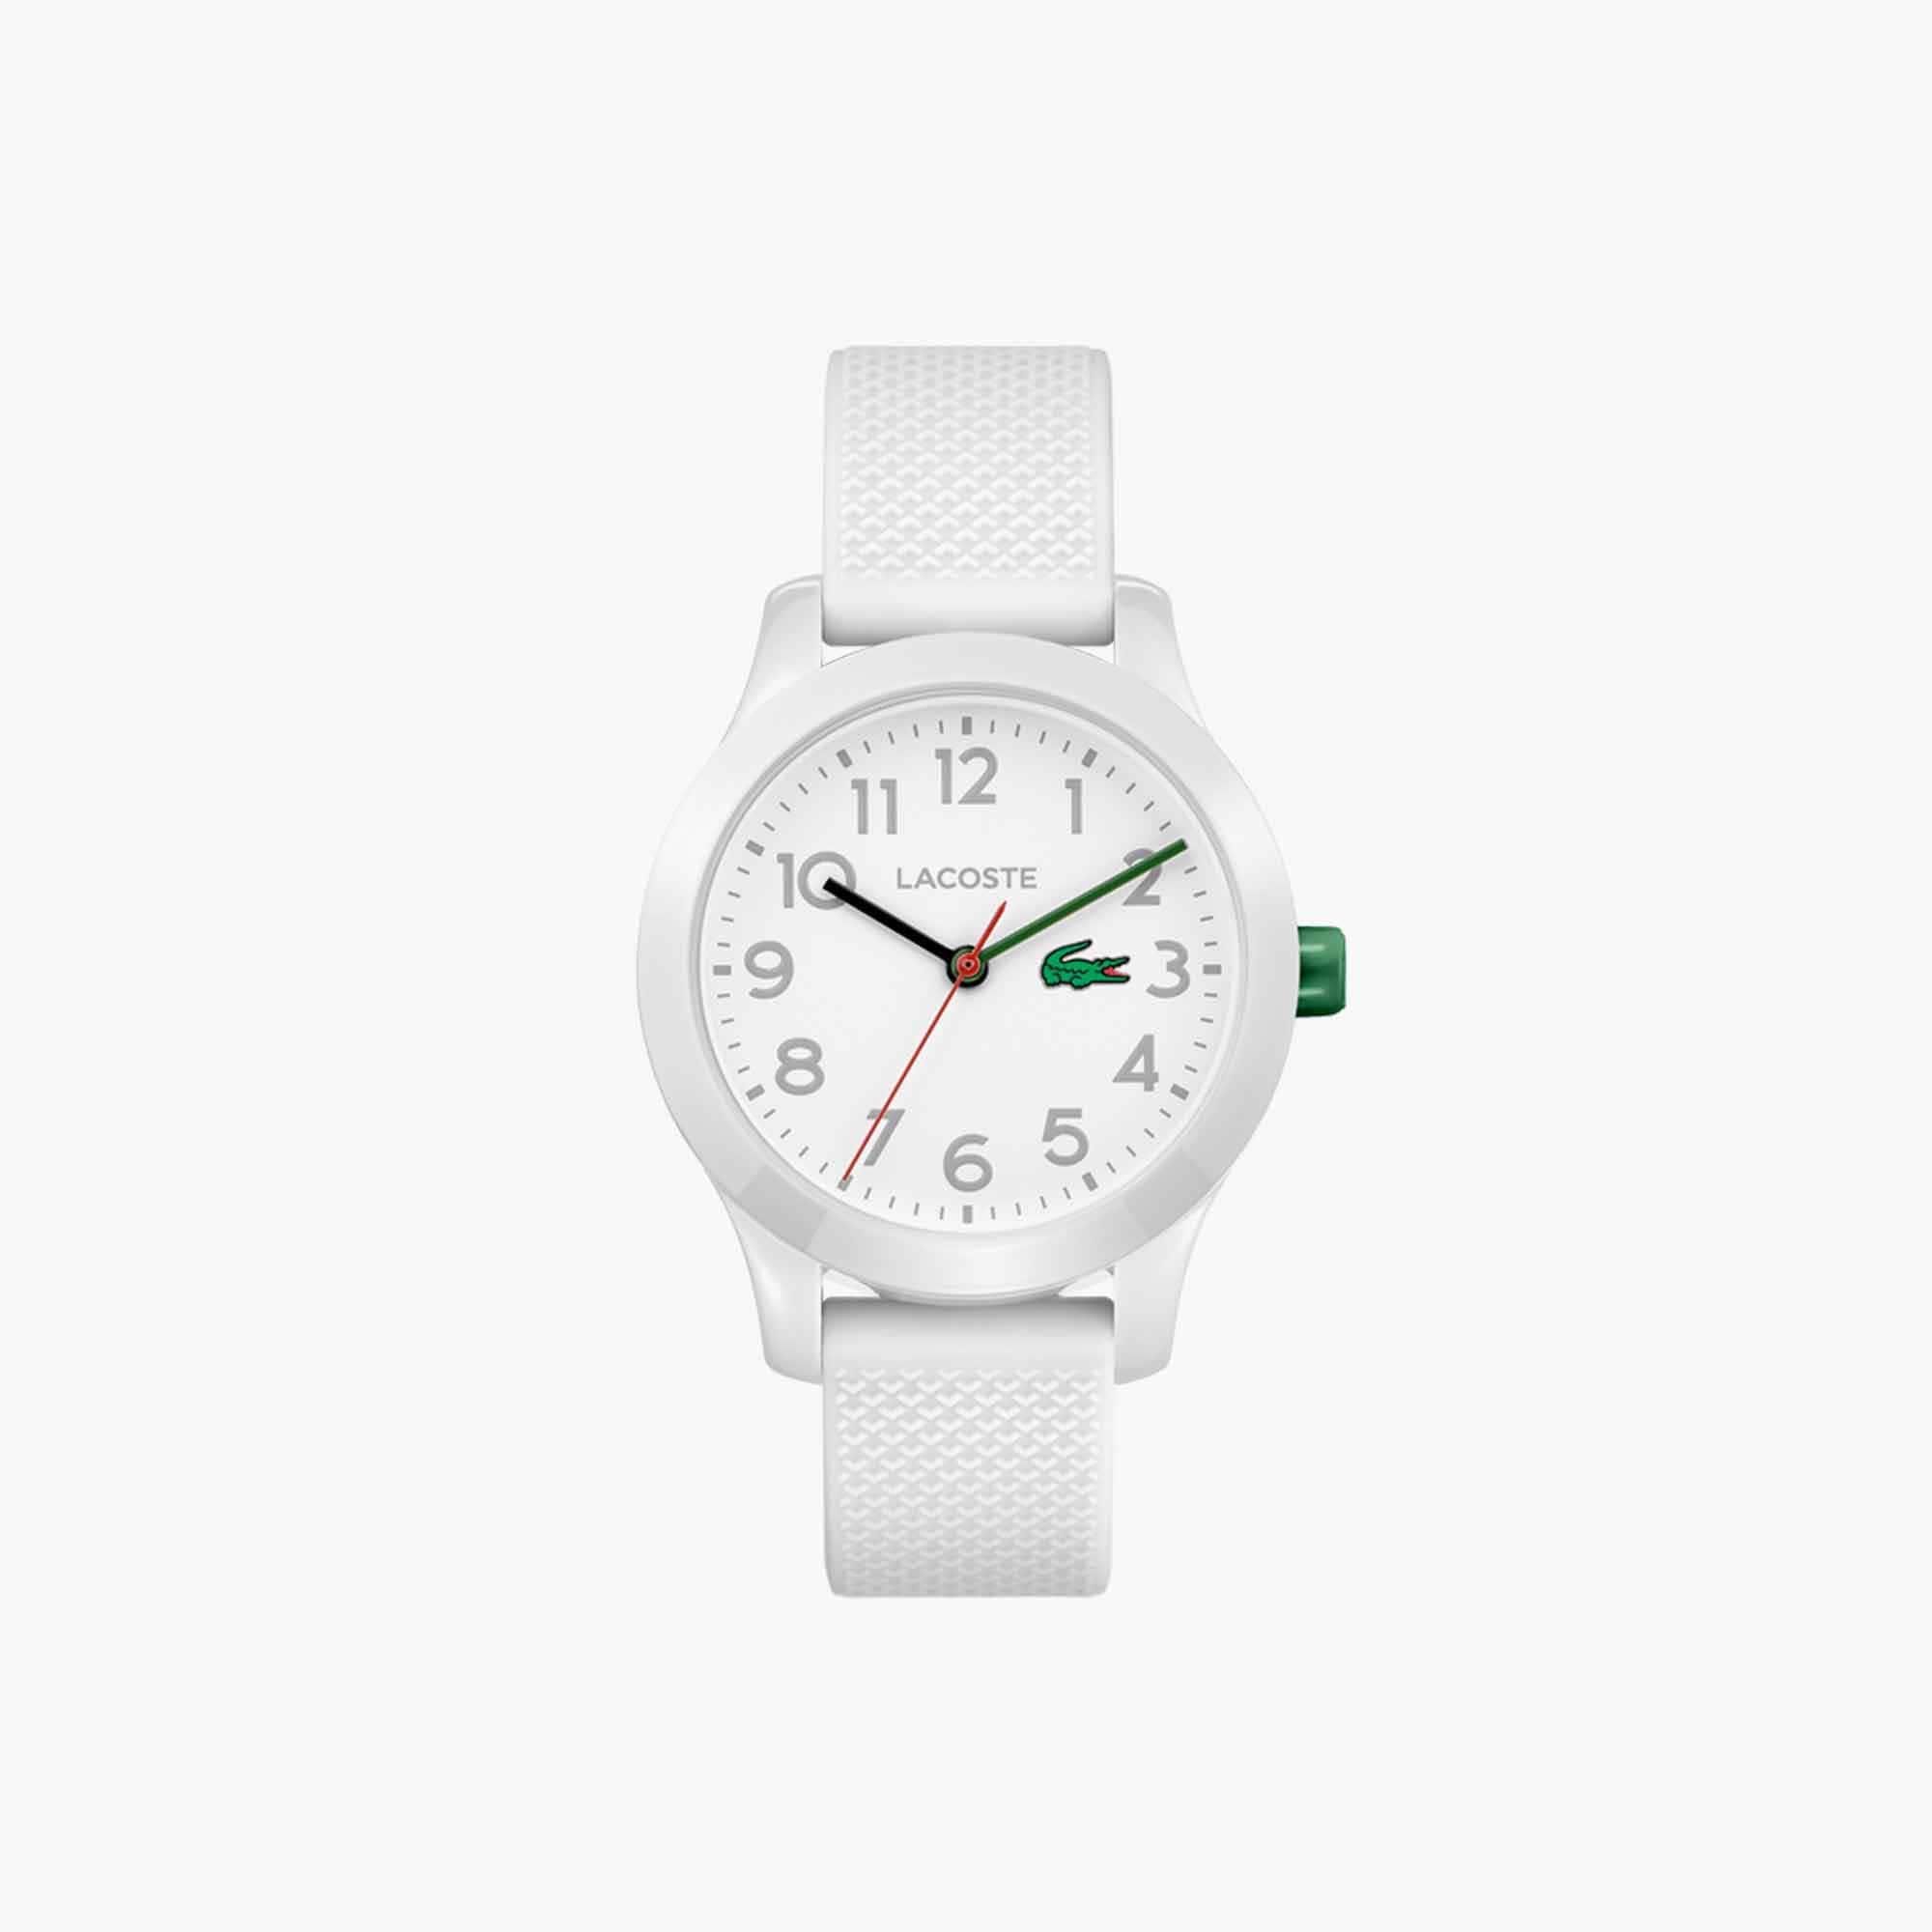 Relógio Lacoste 12.12 Criança com Bracelete em Silicone Branco